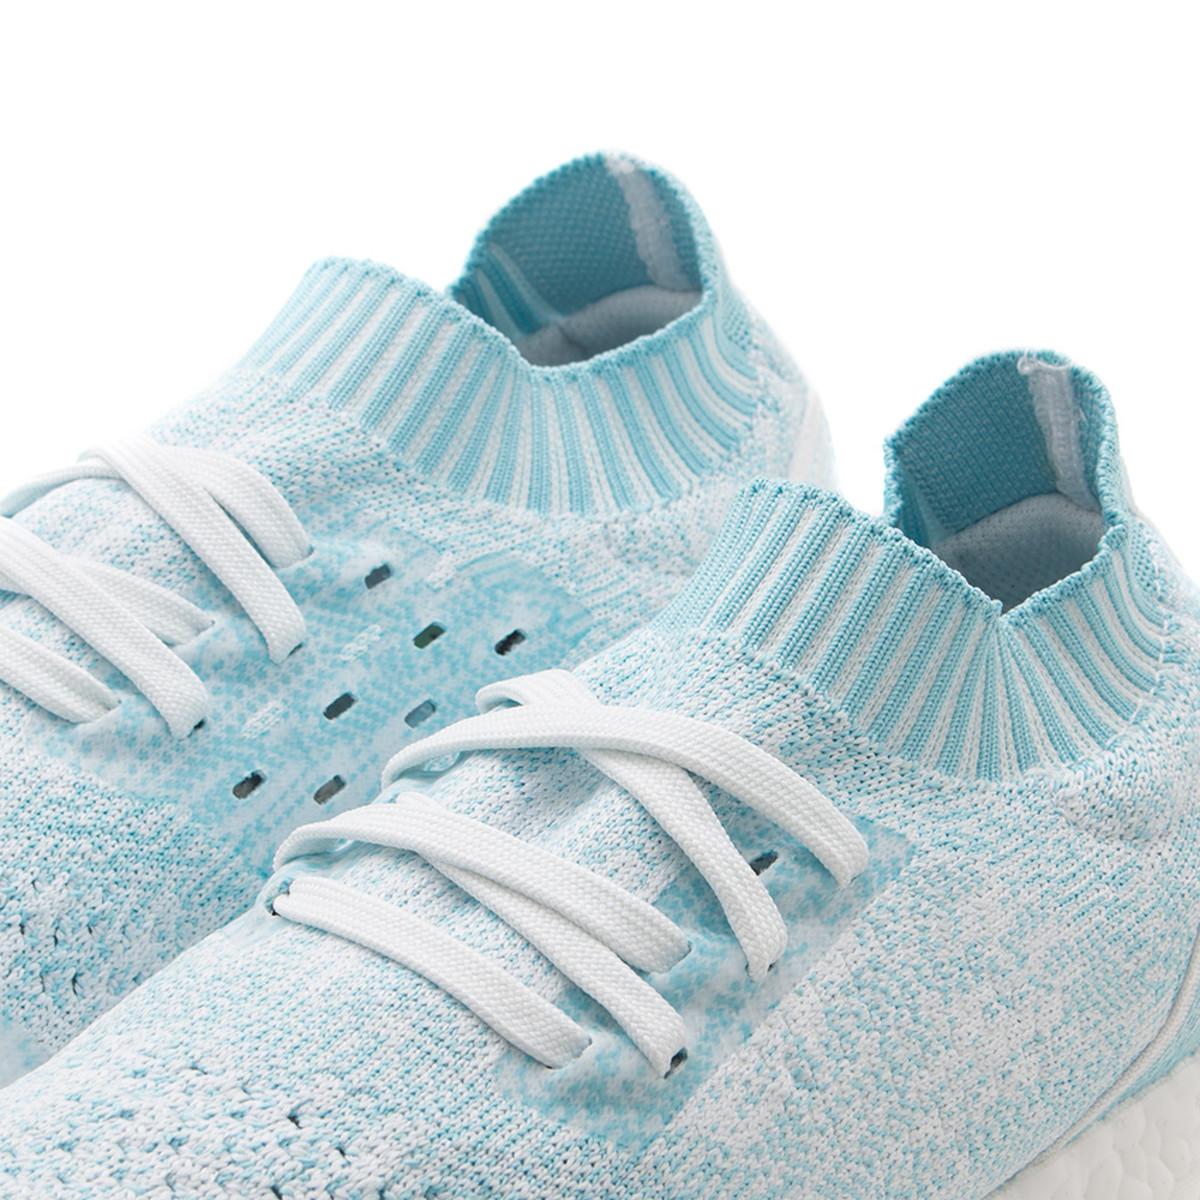 Adidas x Parley ultraboost uncaged garmentory azul hielo